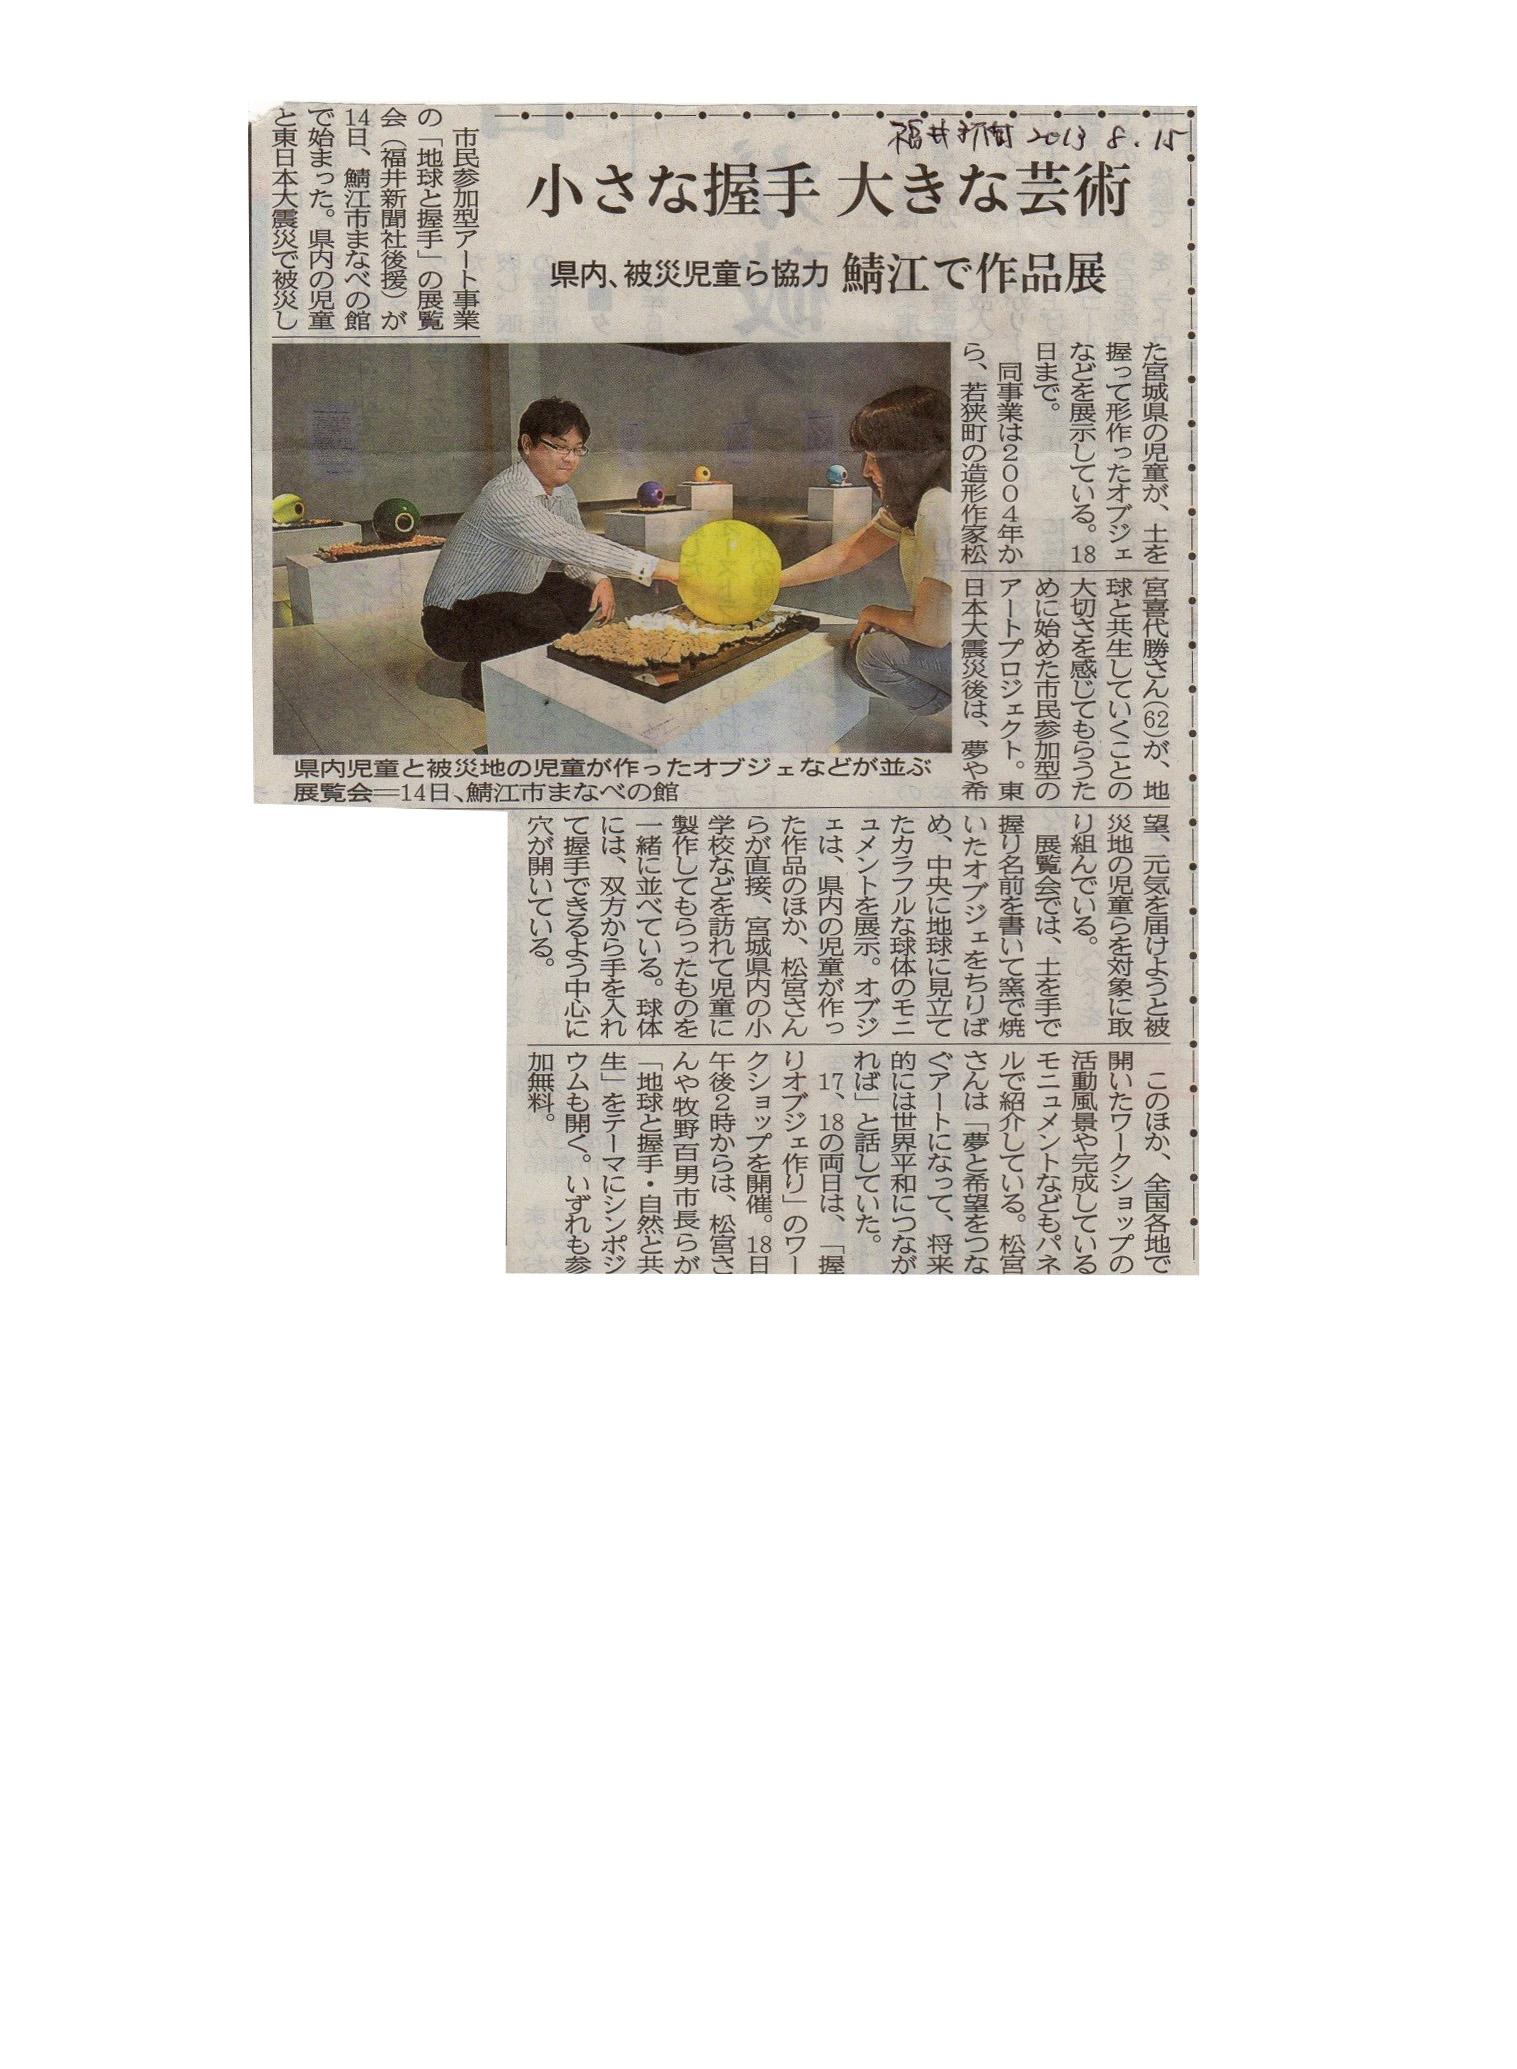 小さな握手大きな芸術 福井新聞2013/08/15